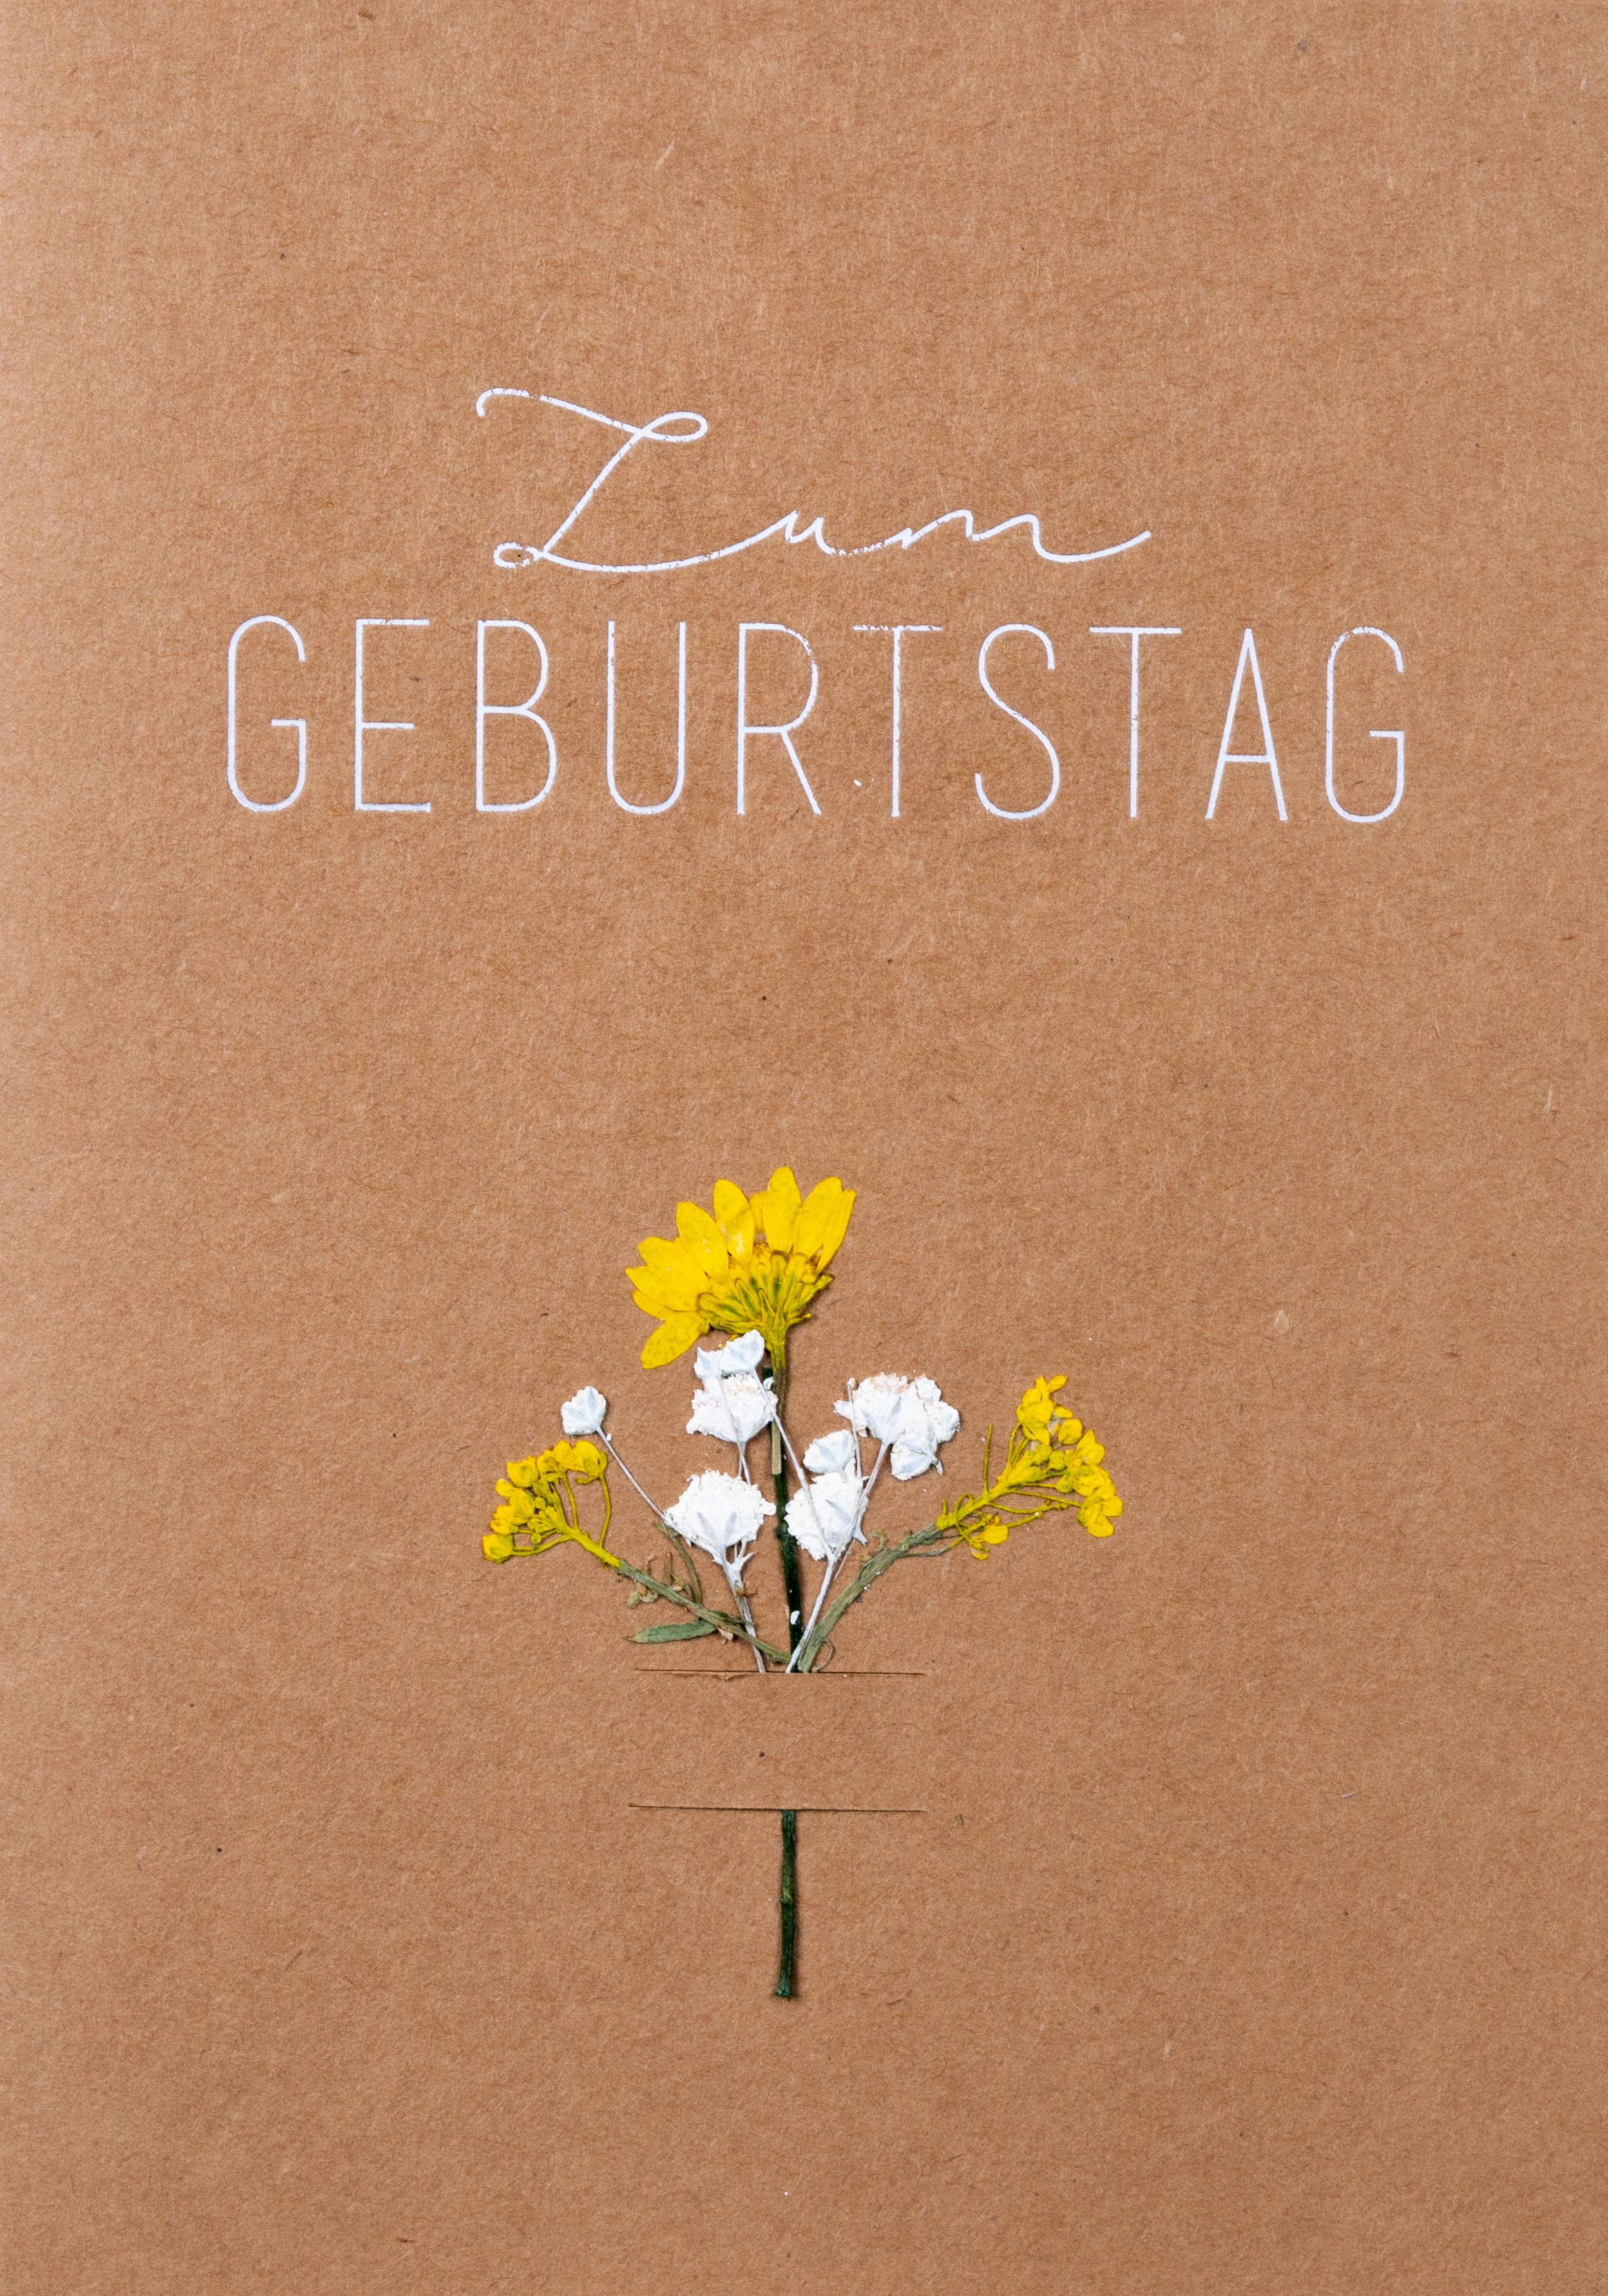 - Glückwunschkarte Zum Geburtstag mit echten Blüten räder - Onlineshop Tante Emmer